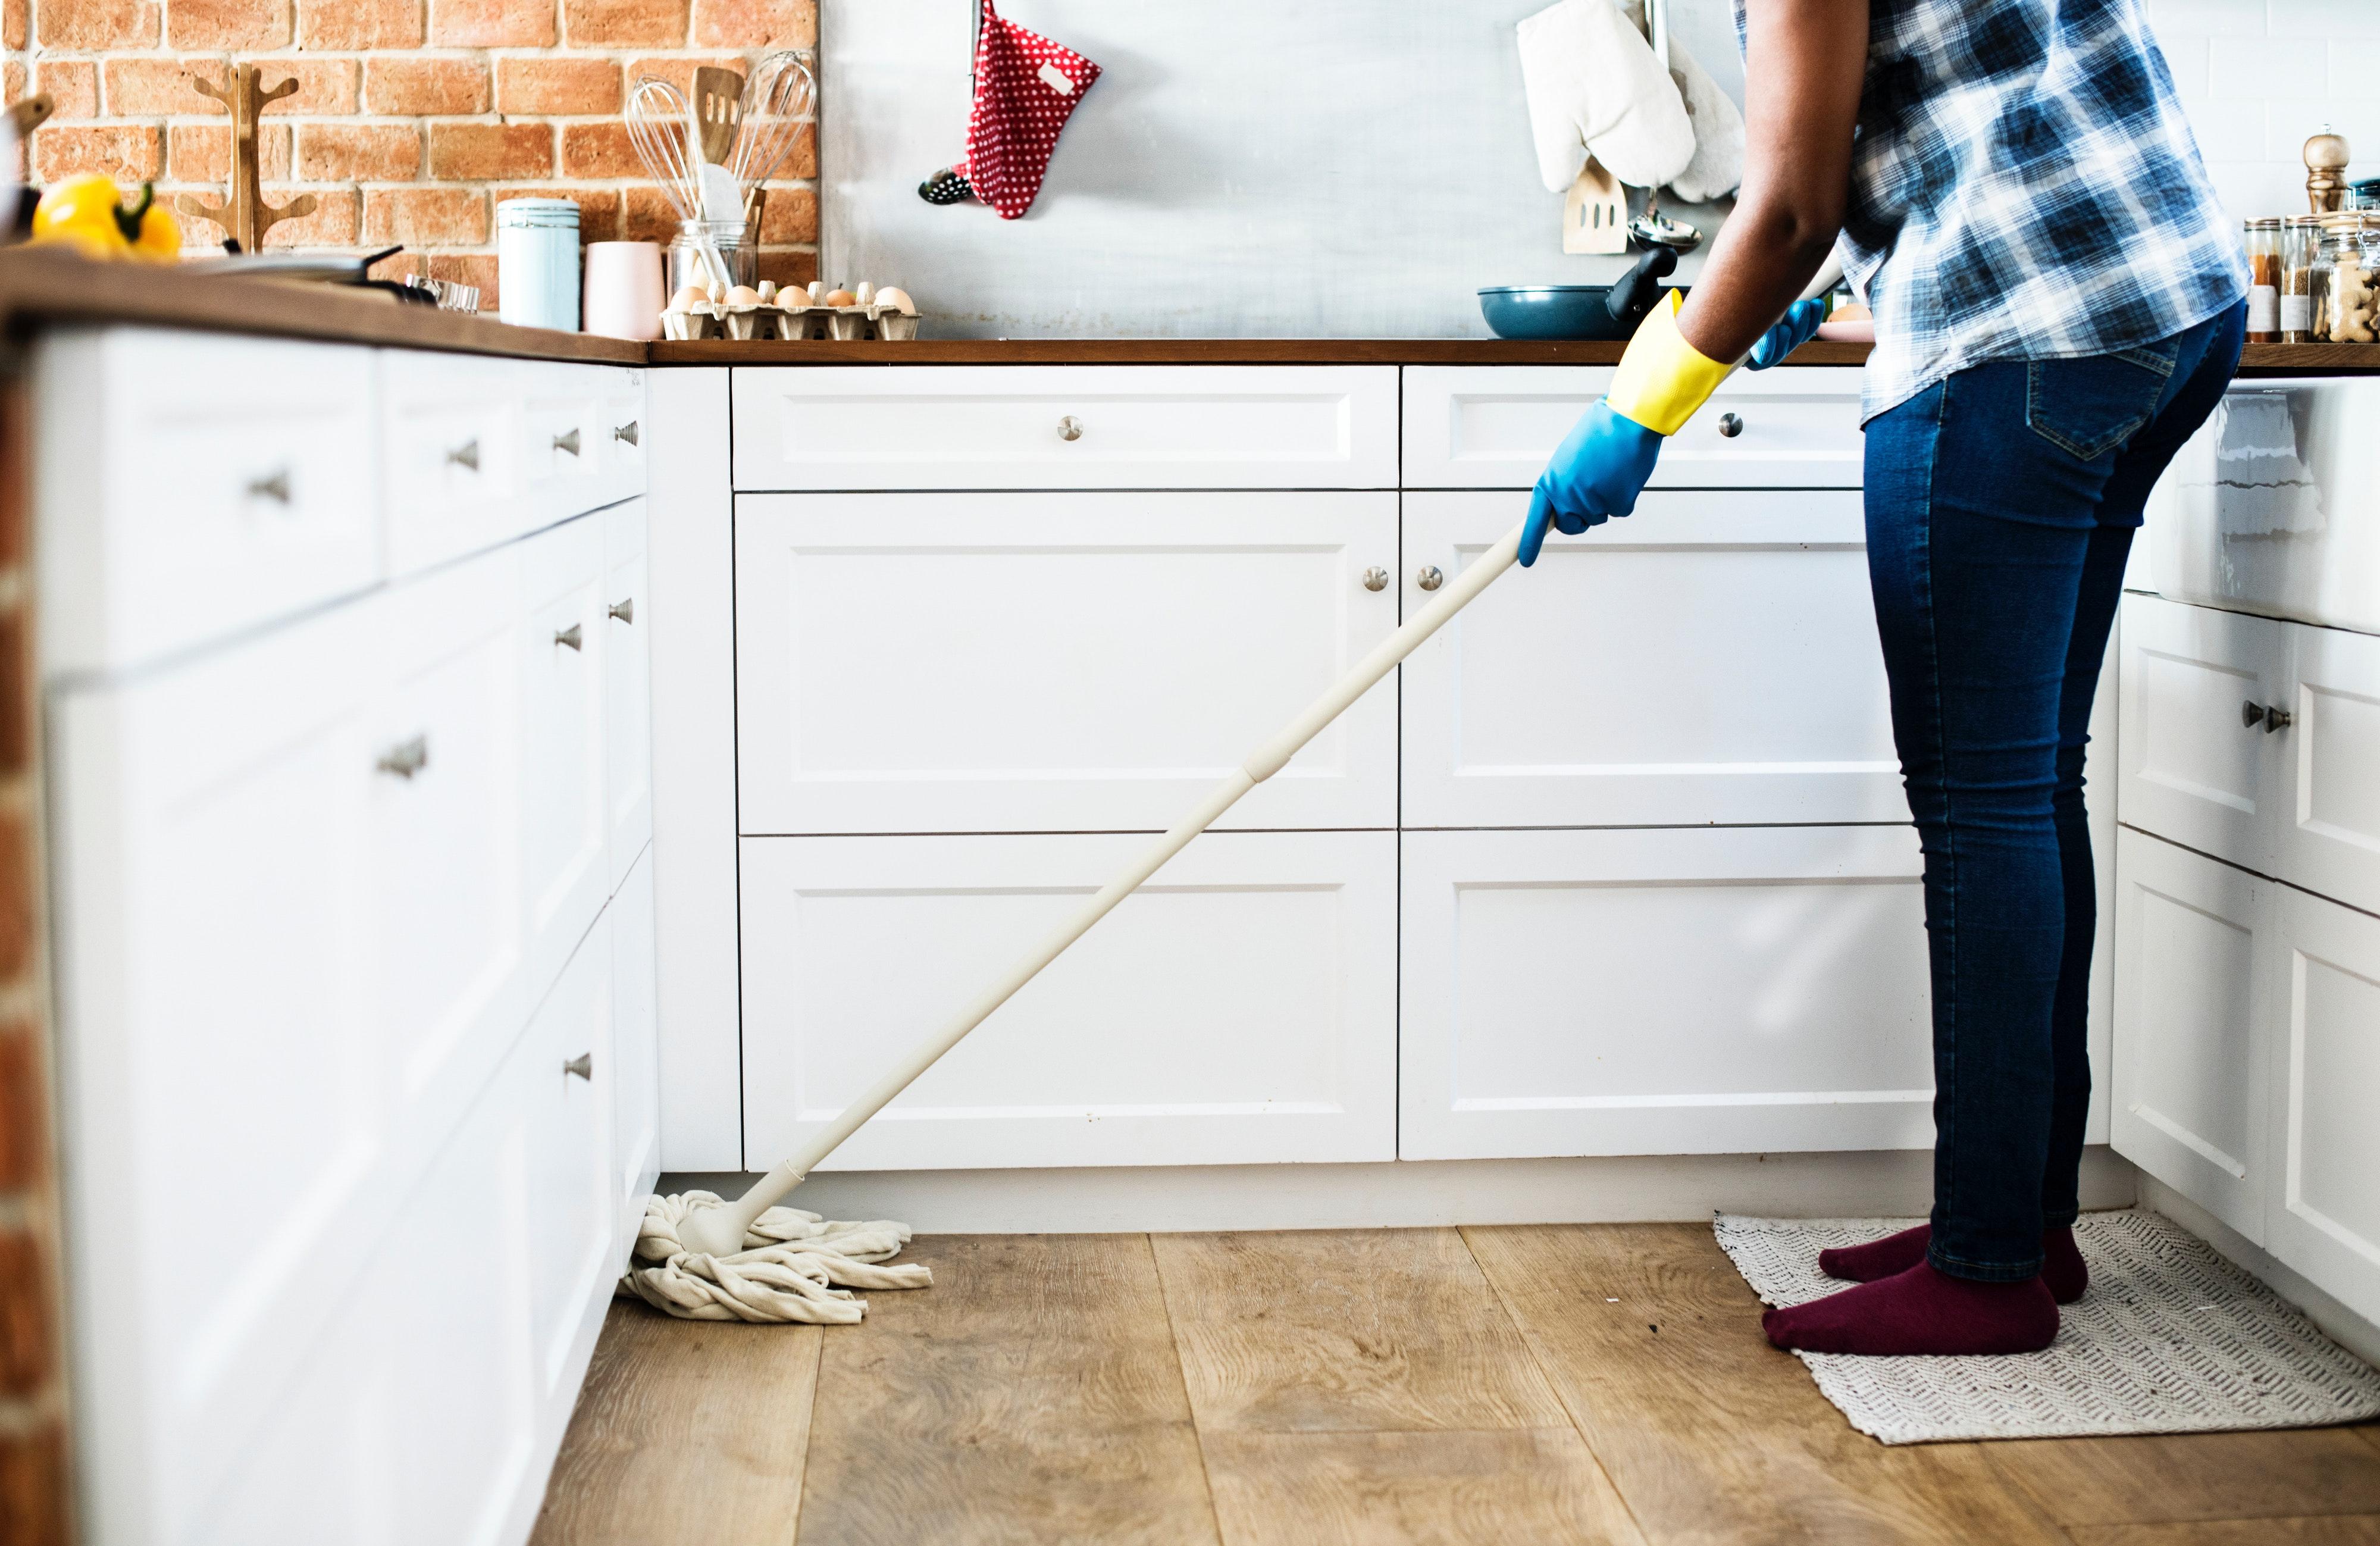 Produits ménagers : leur usage porte atteinte aux fonctions pulmonaires